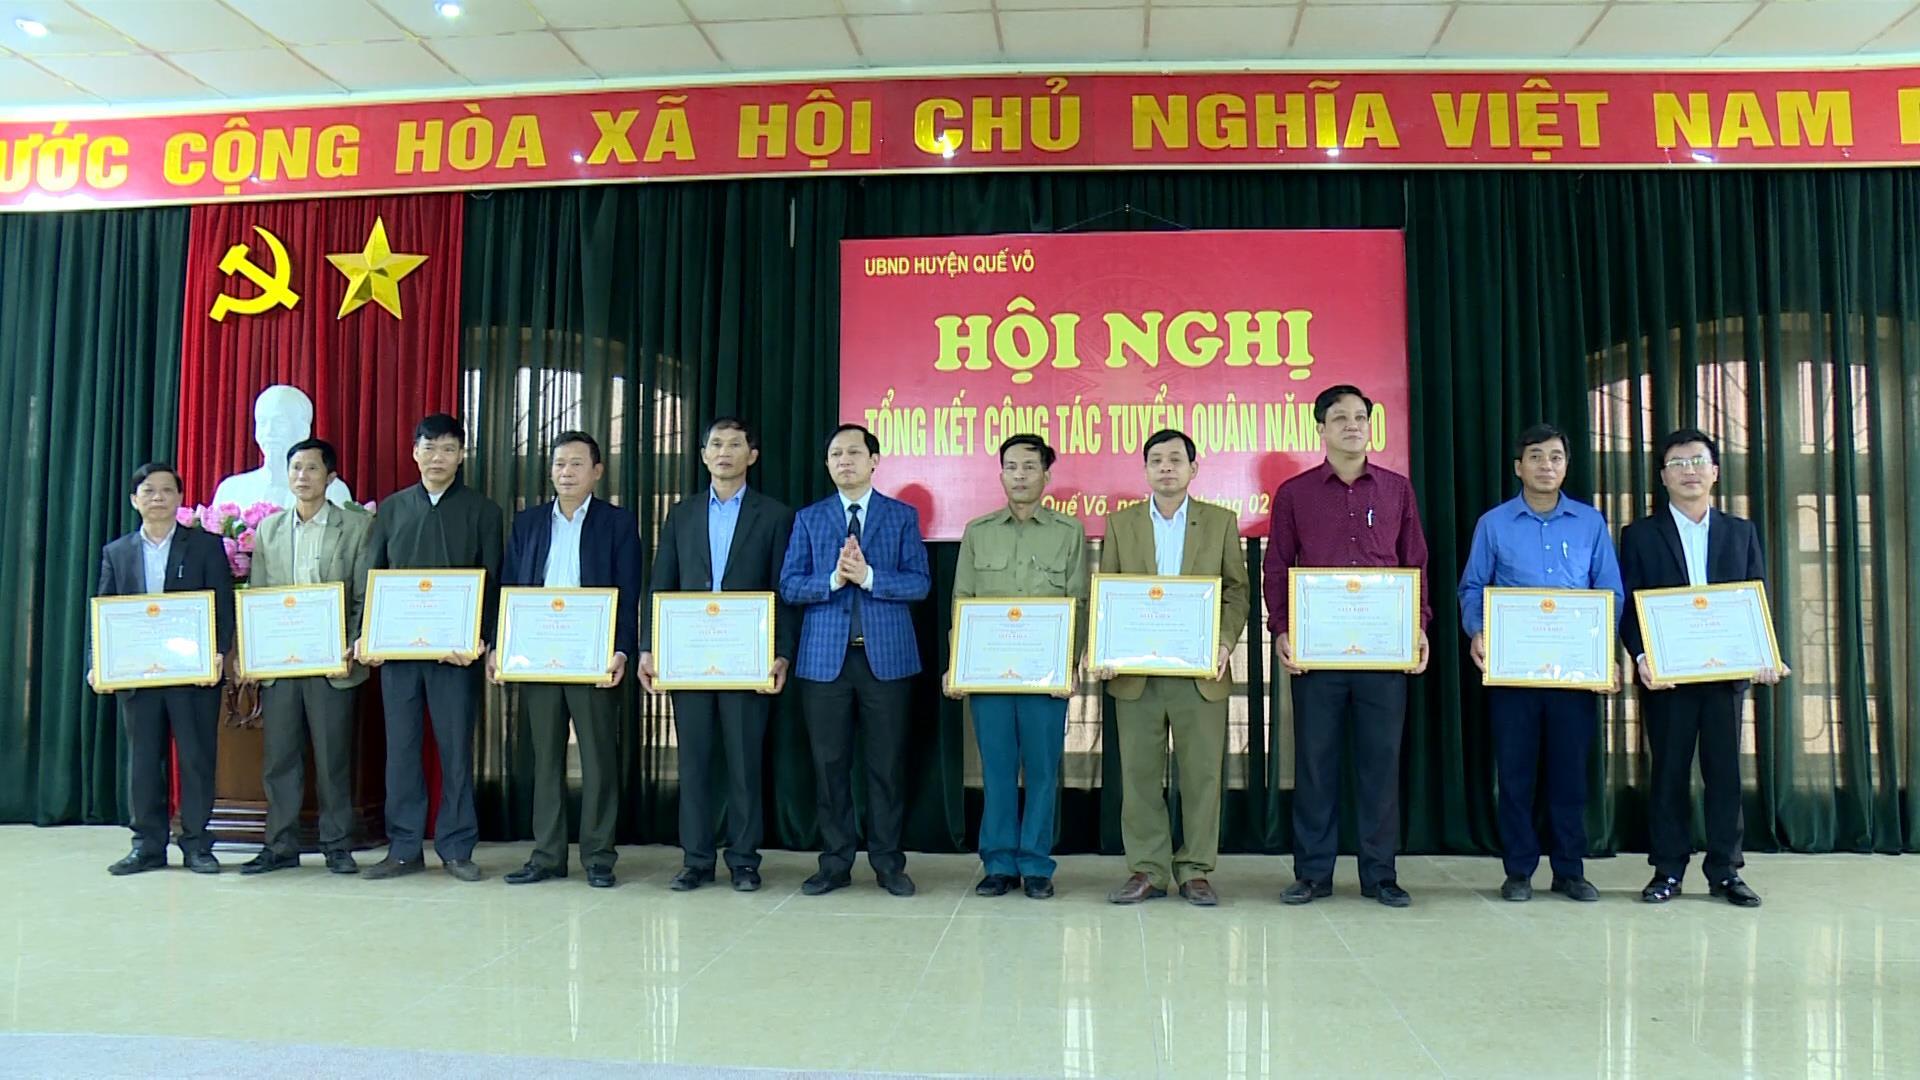 Huyện Quế Võ tổng kết công tác tuyển quân năm 2020